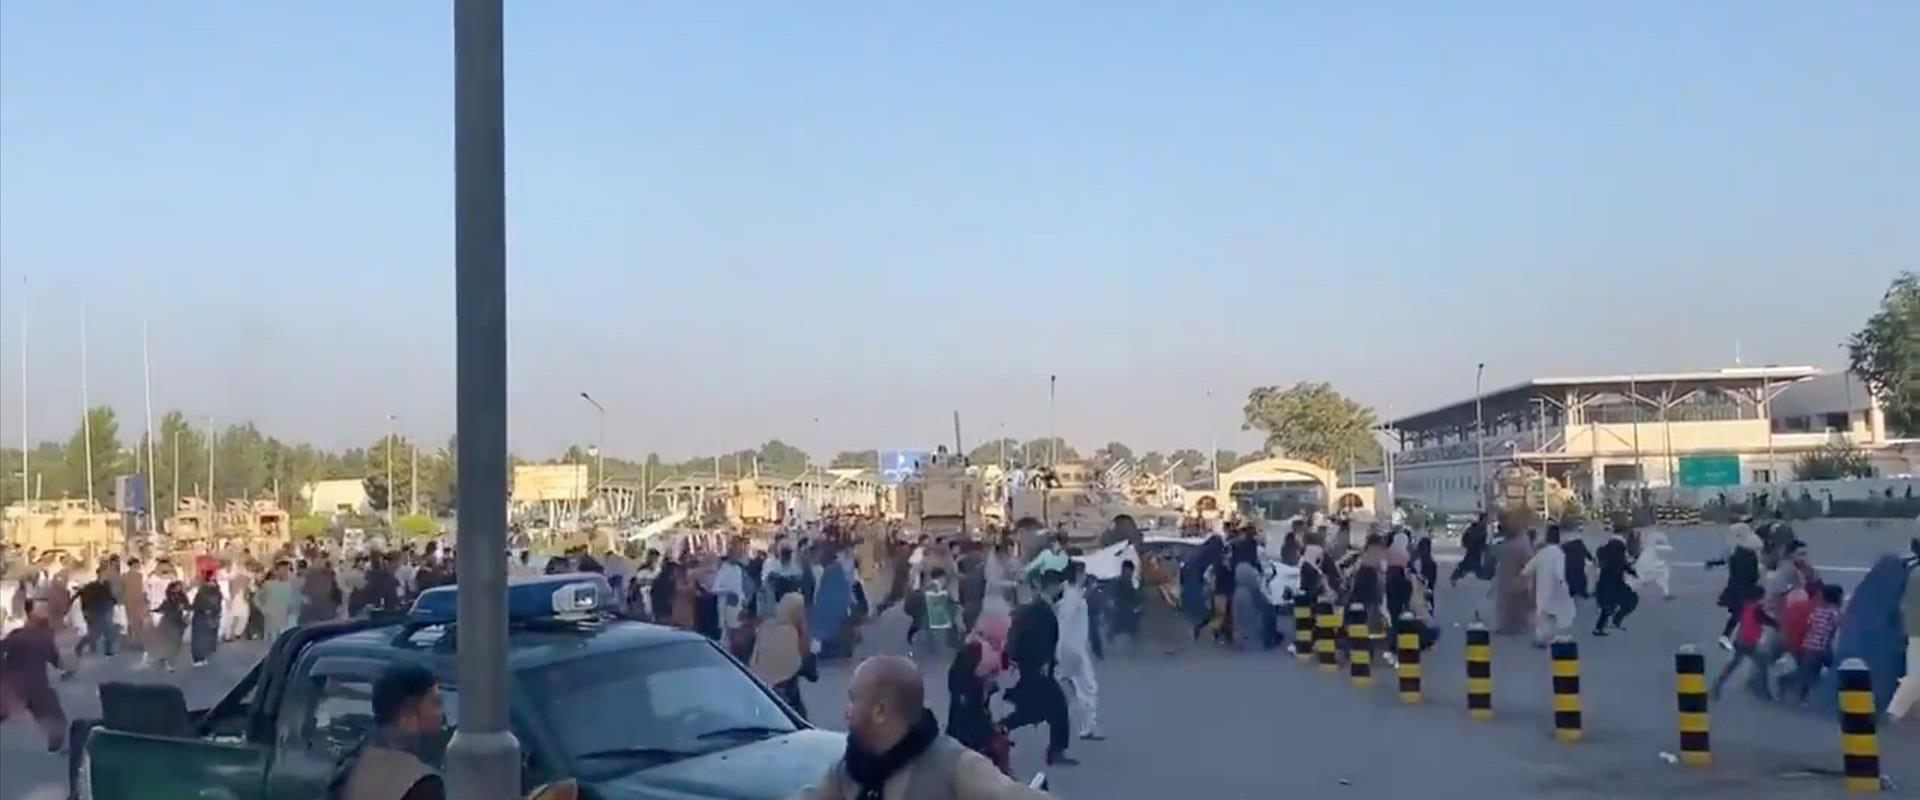 אזרחים אפגנים בשדה התעופה, הבוקר